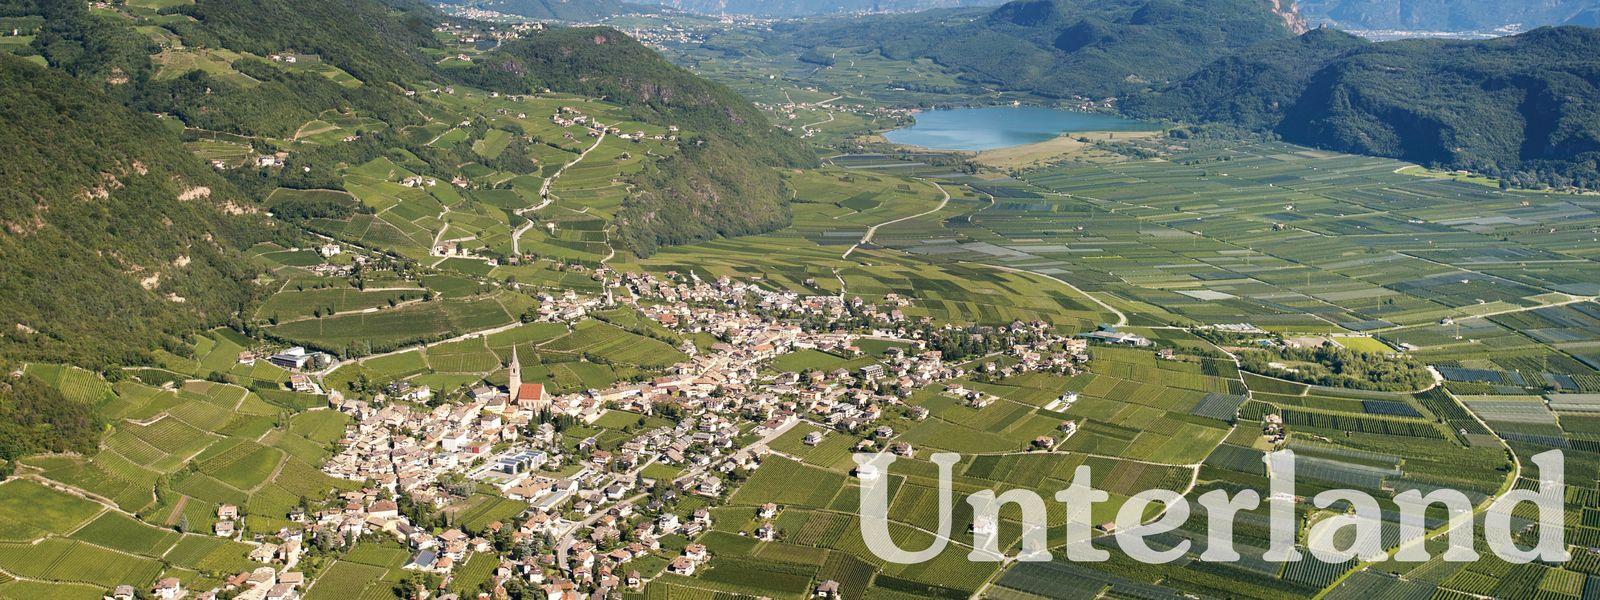 Unterland_Landschaft.jpg